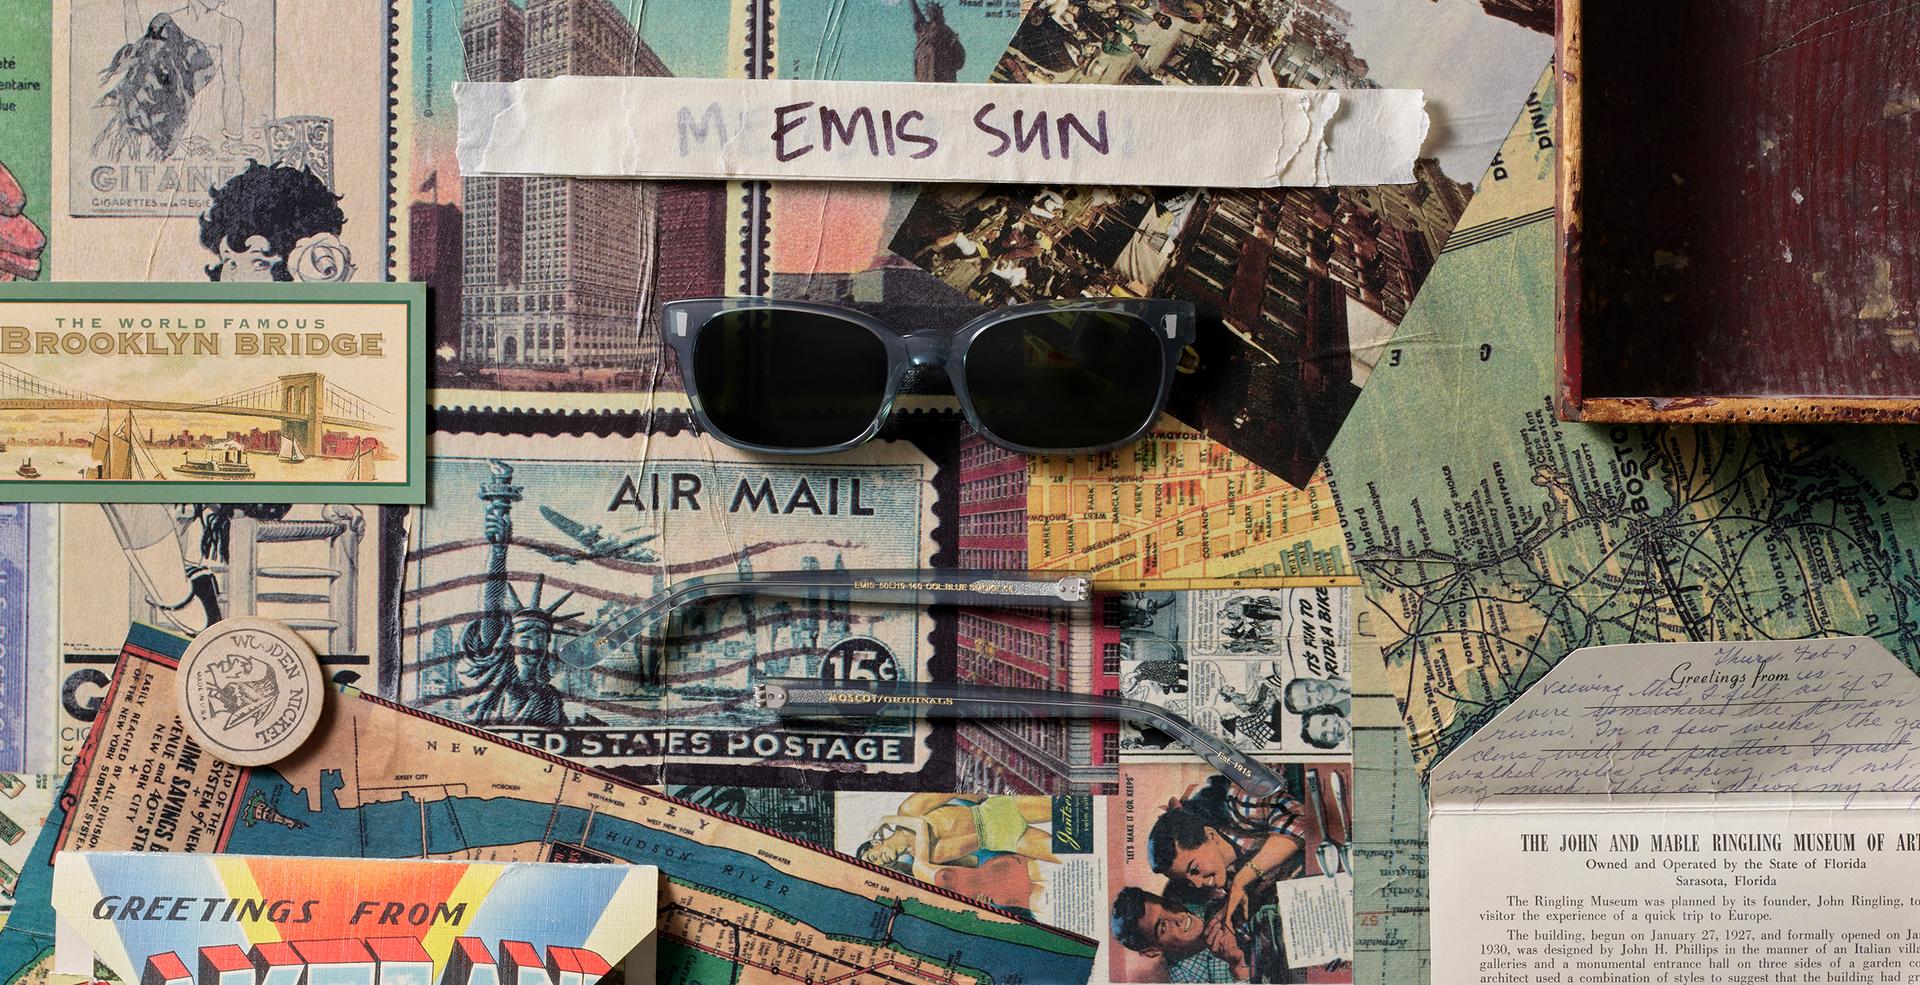 EMIS SUN